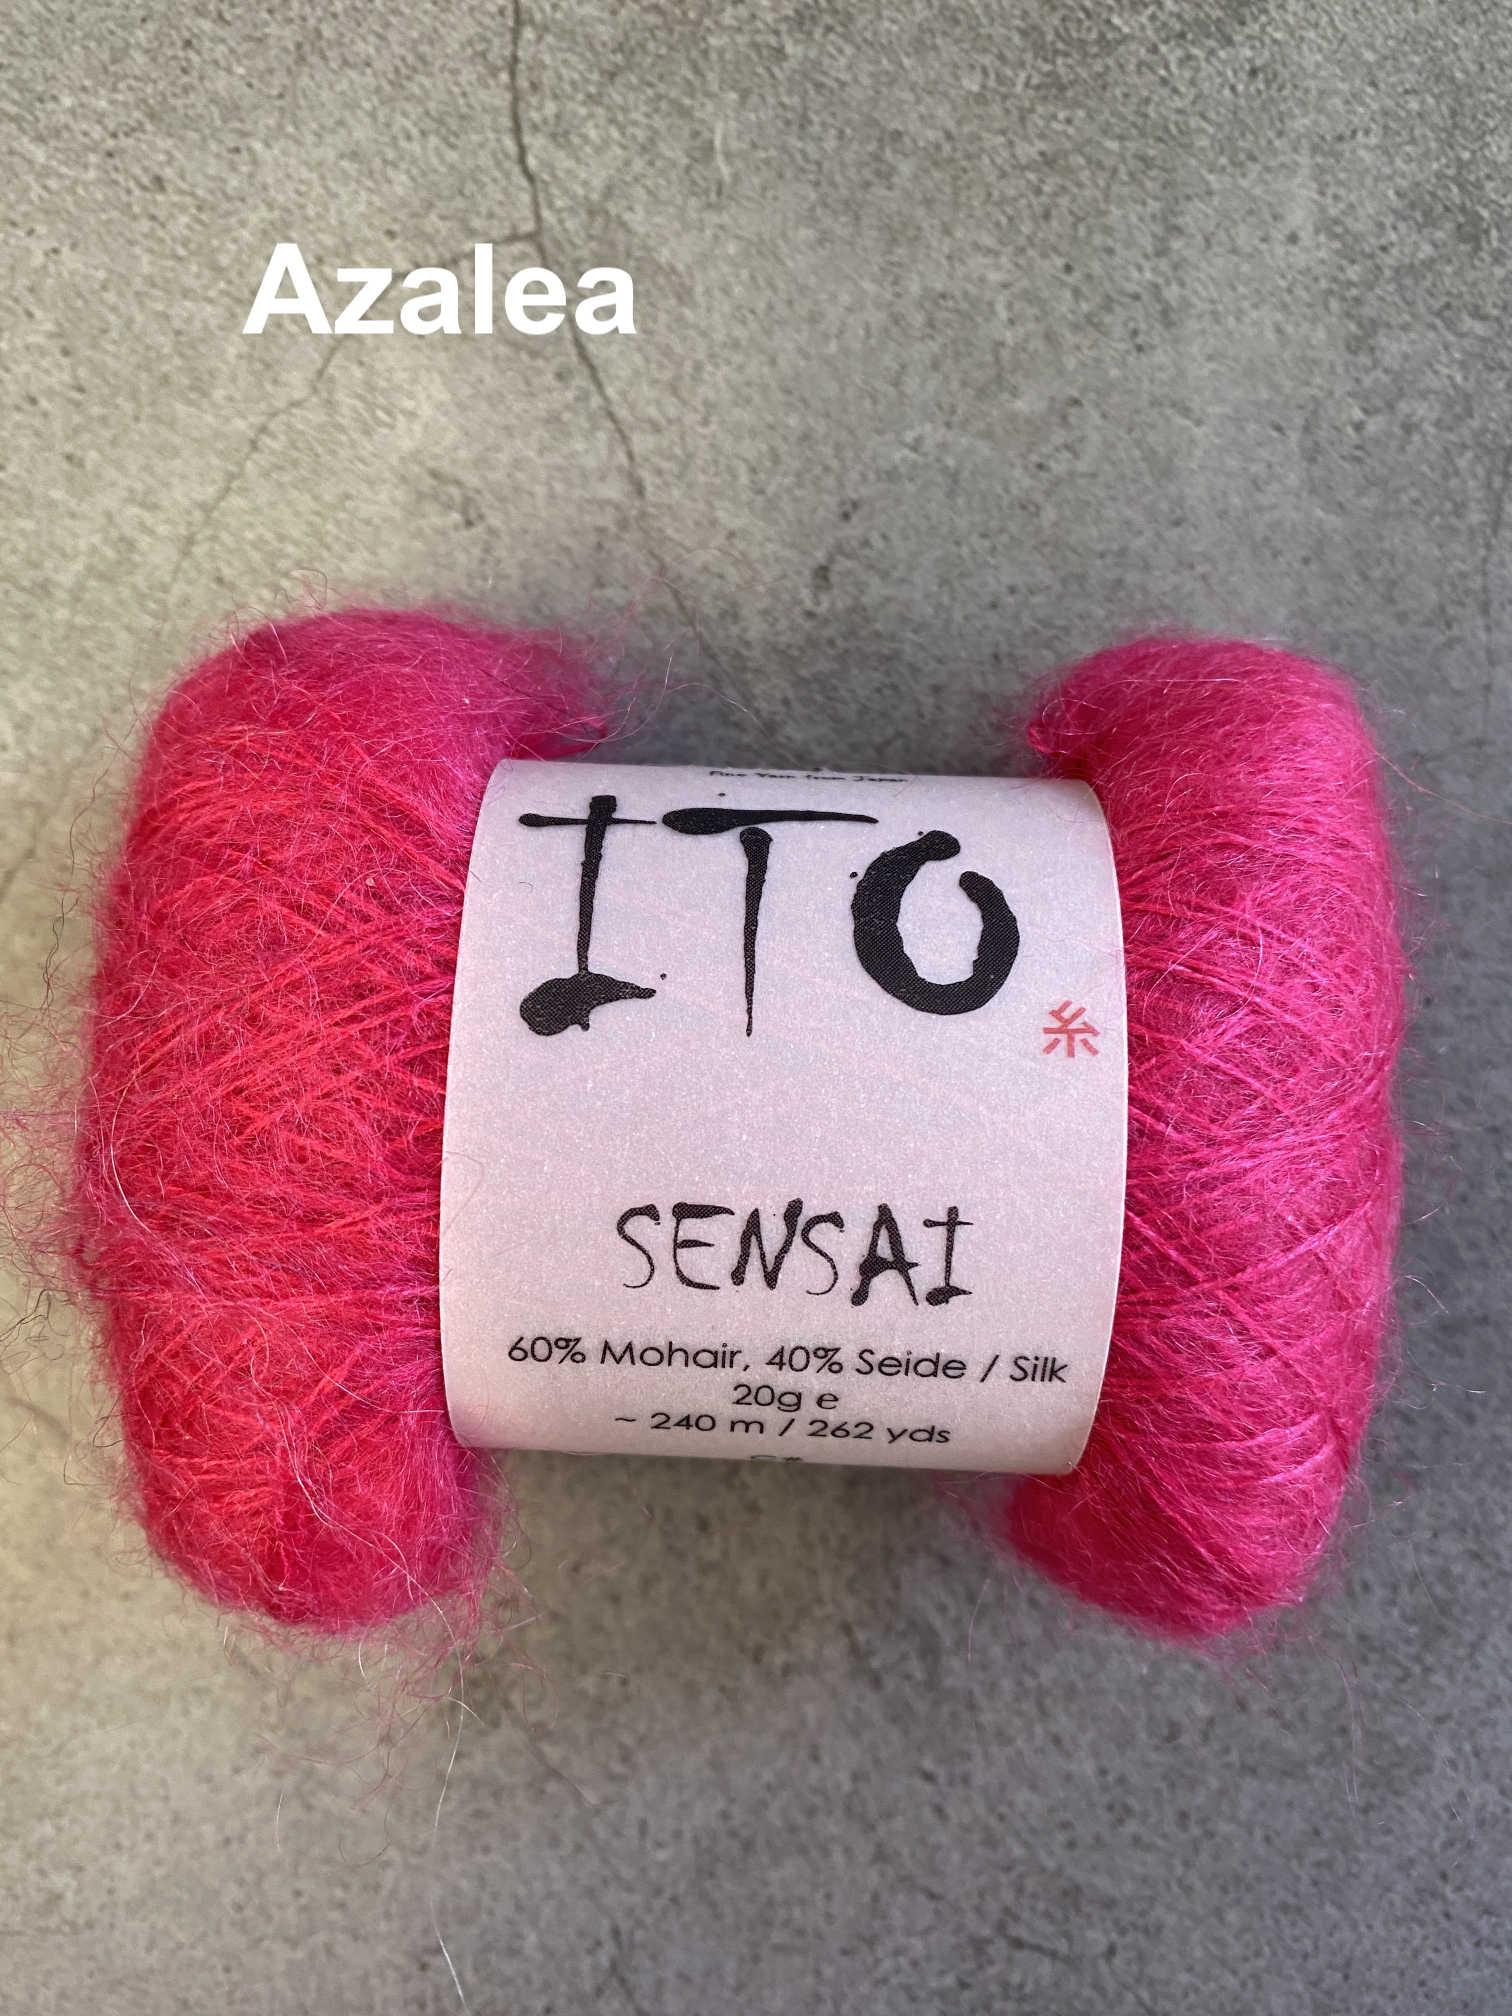 Sensai by ITO